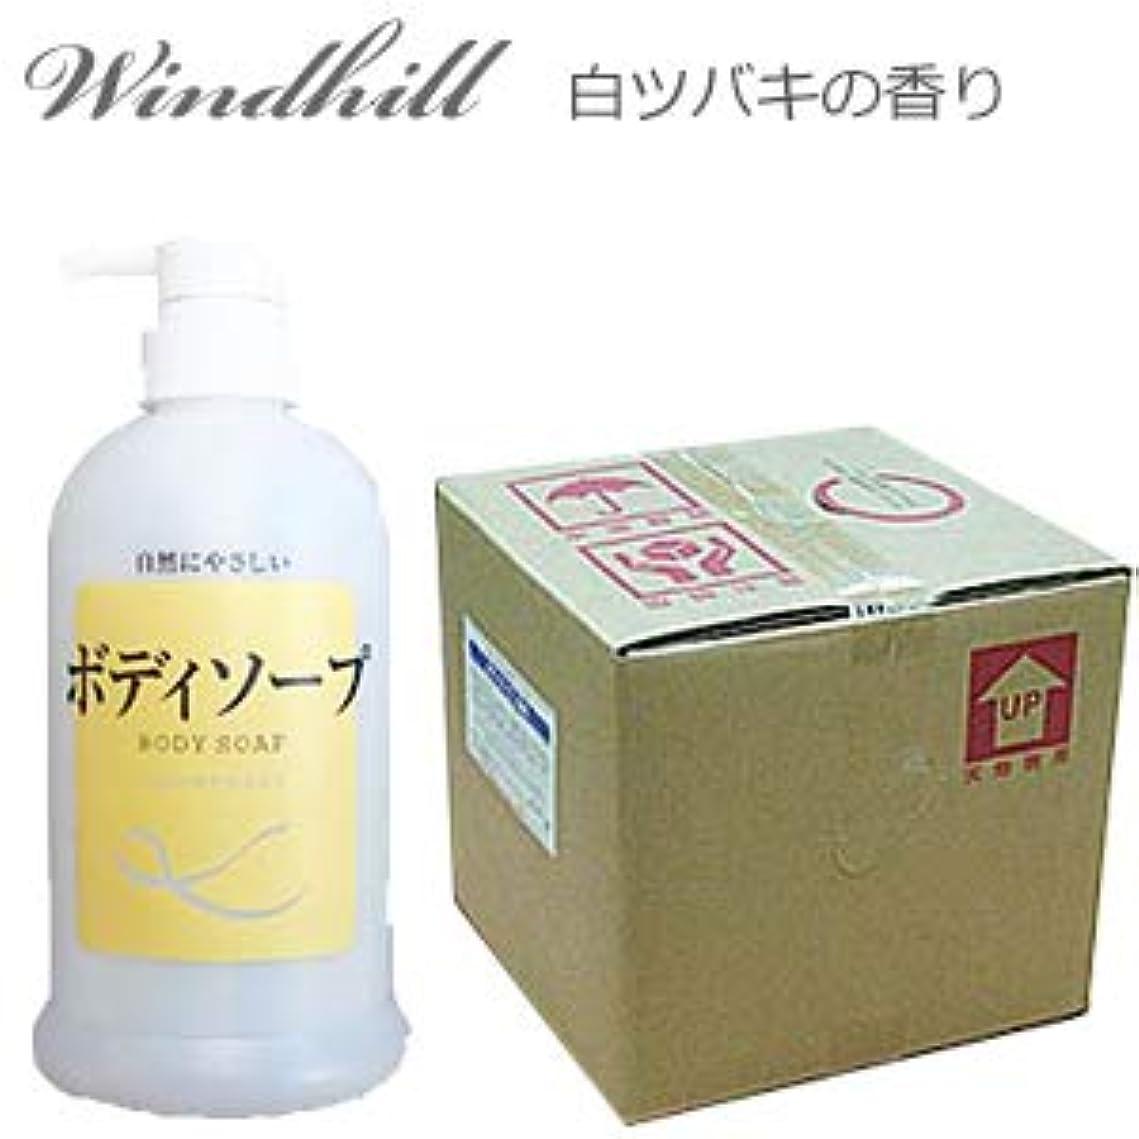 印象レビュー人気なんと! 500ml当り175円 Windhill 植物性 業務用 ボディソープ  白ツバキの香り 20L